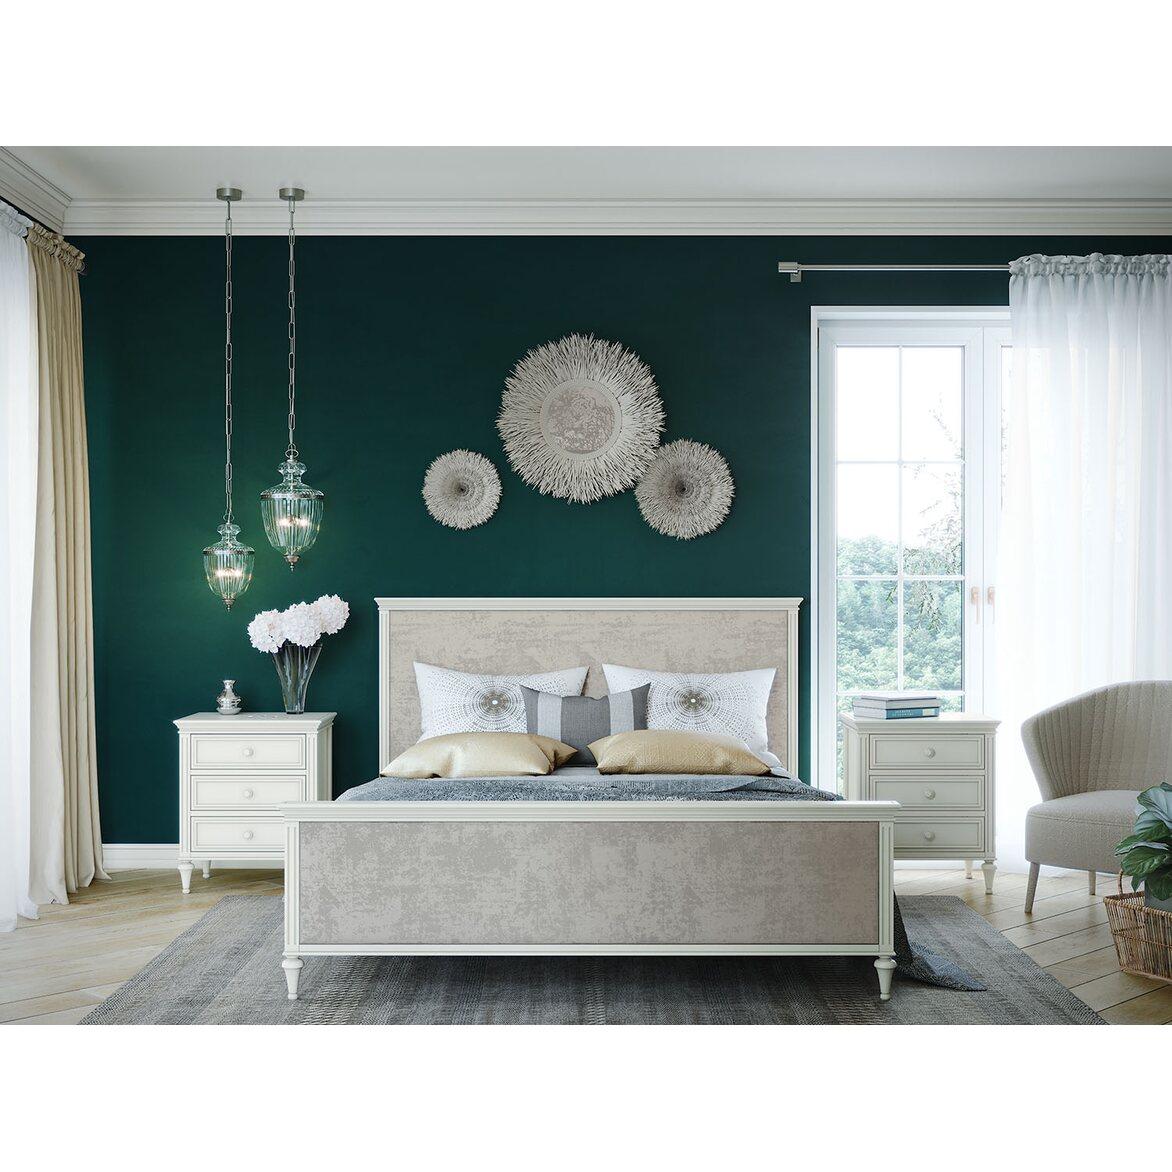 Кровать Riverdi с мягким изголовьем 3 | Двуспальные кровати Kingsby